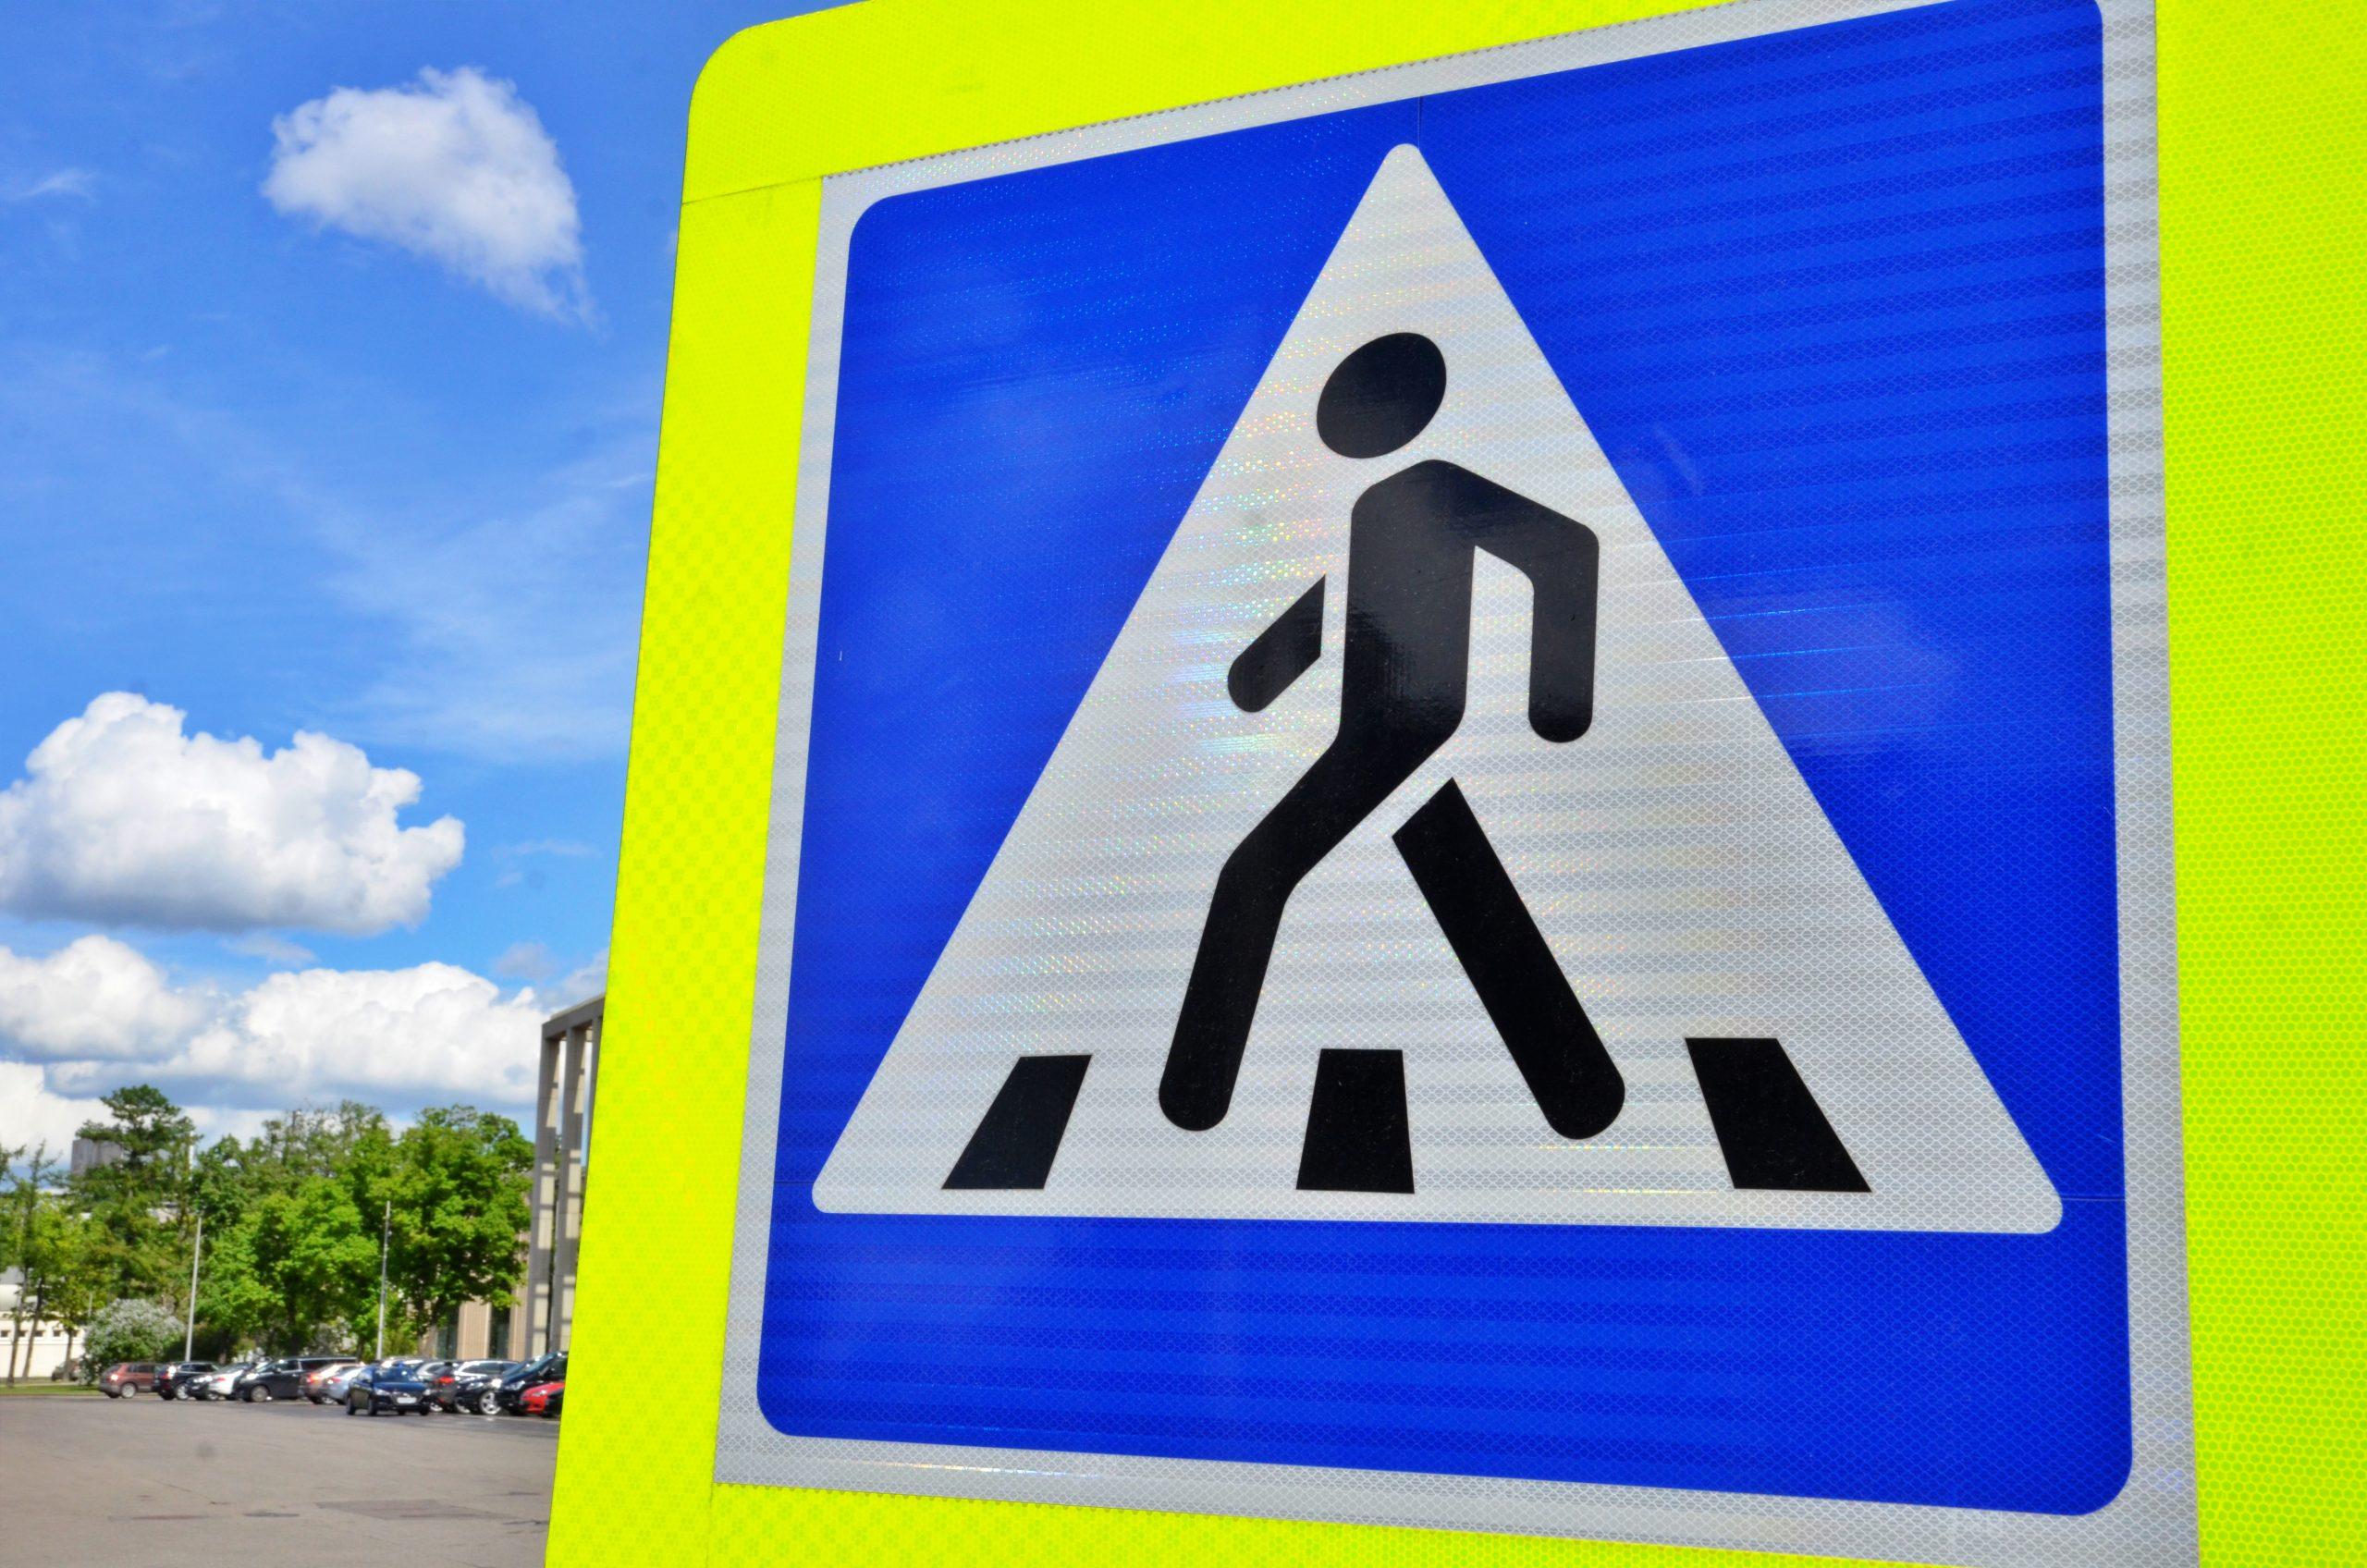 Специалисты провели работы по ремонту и установке знаков дорожного хозяйства в Десеновском